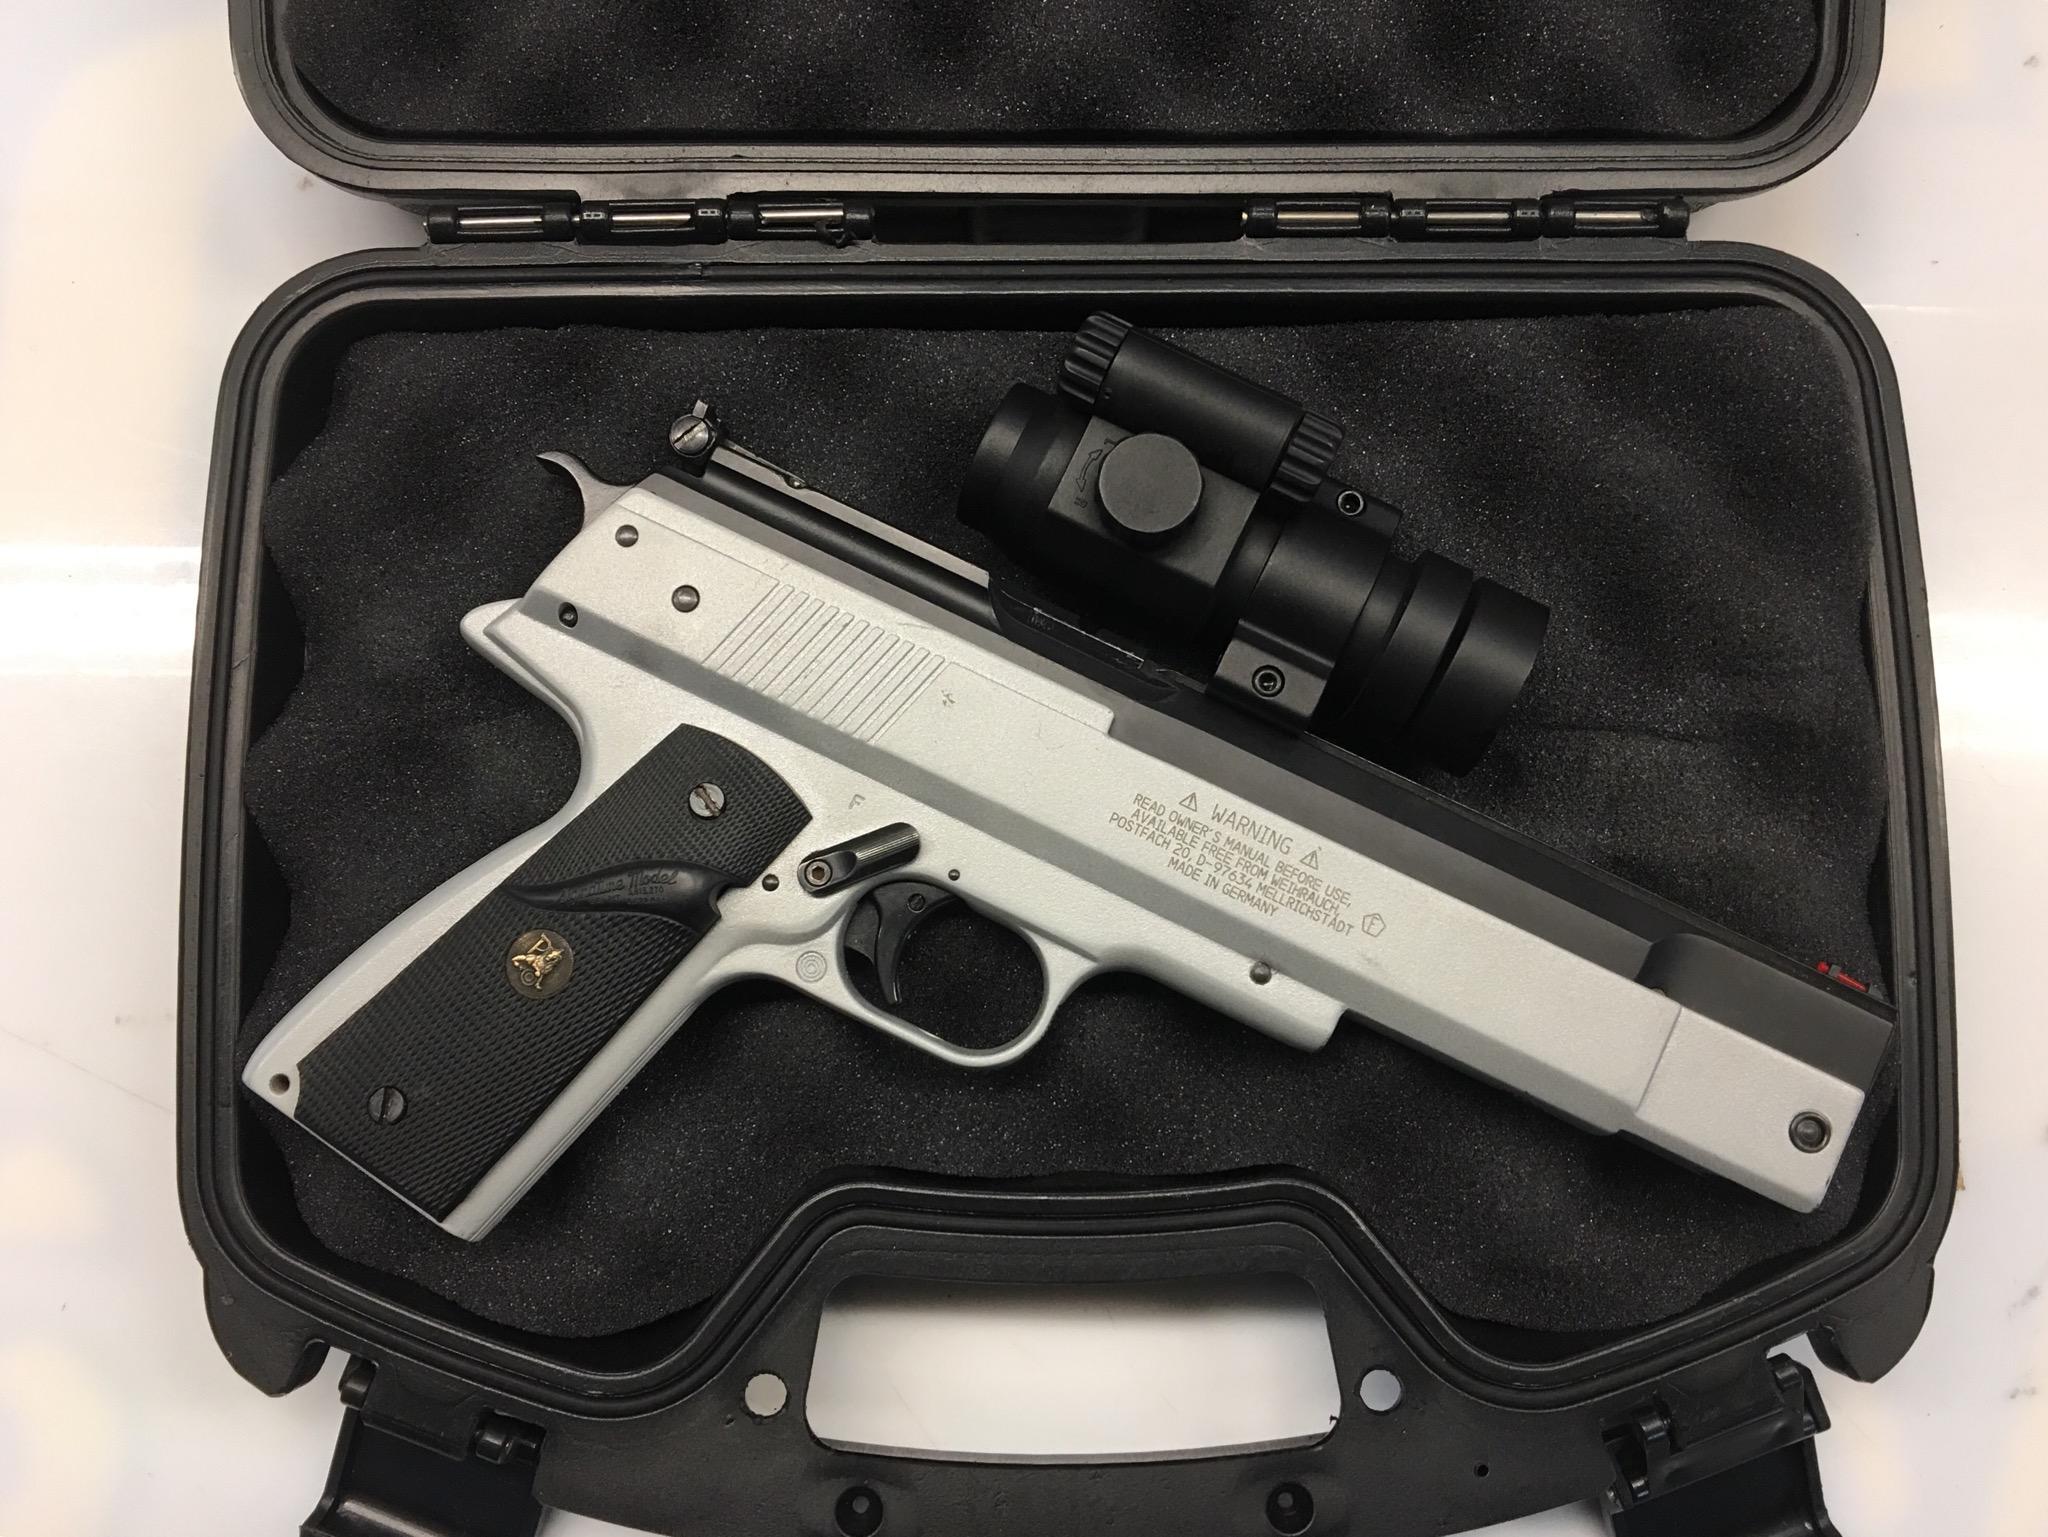 Anwendungsbeispiel mit Luftpistole HW45 und Rotpunktvisier